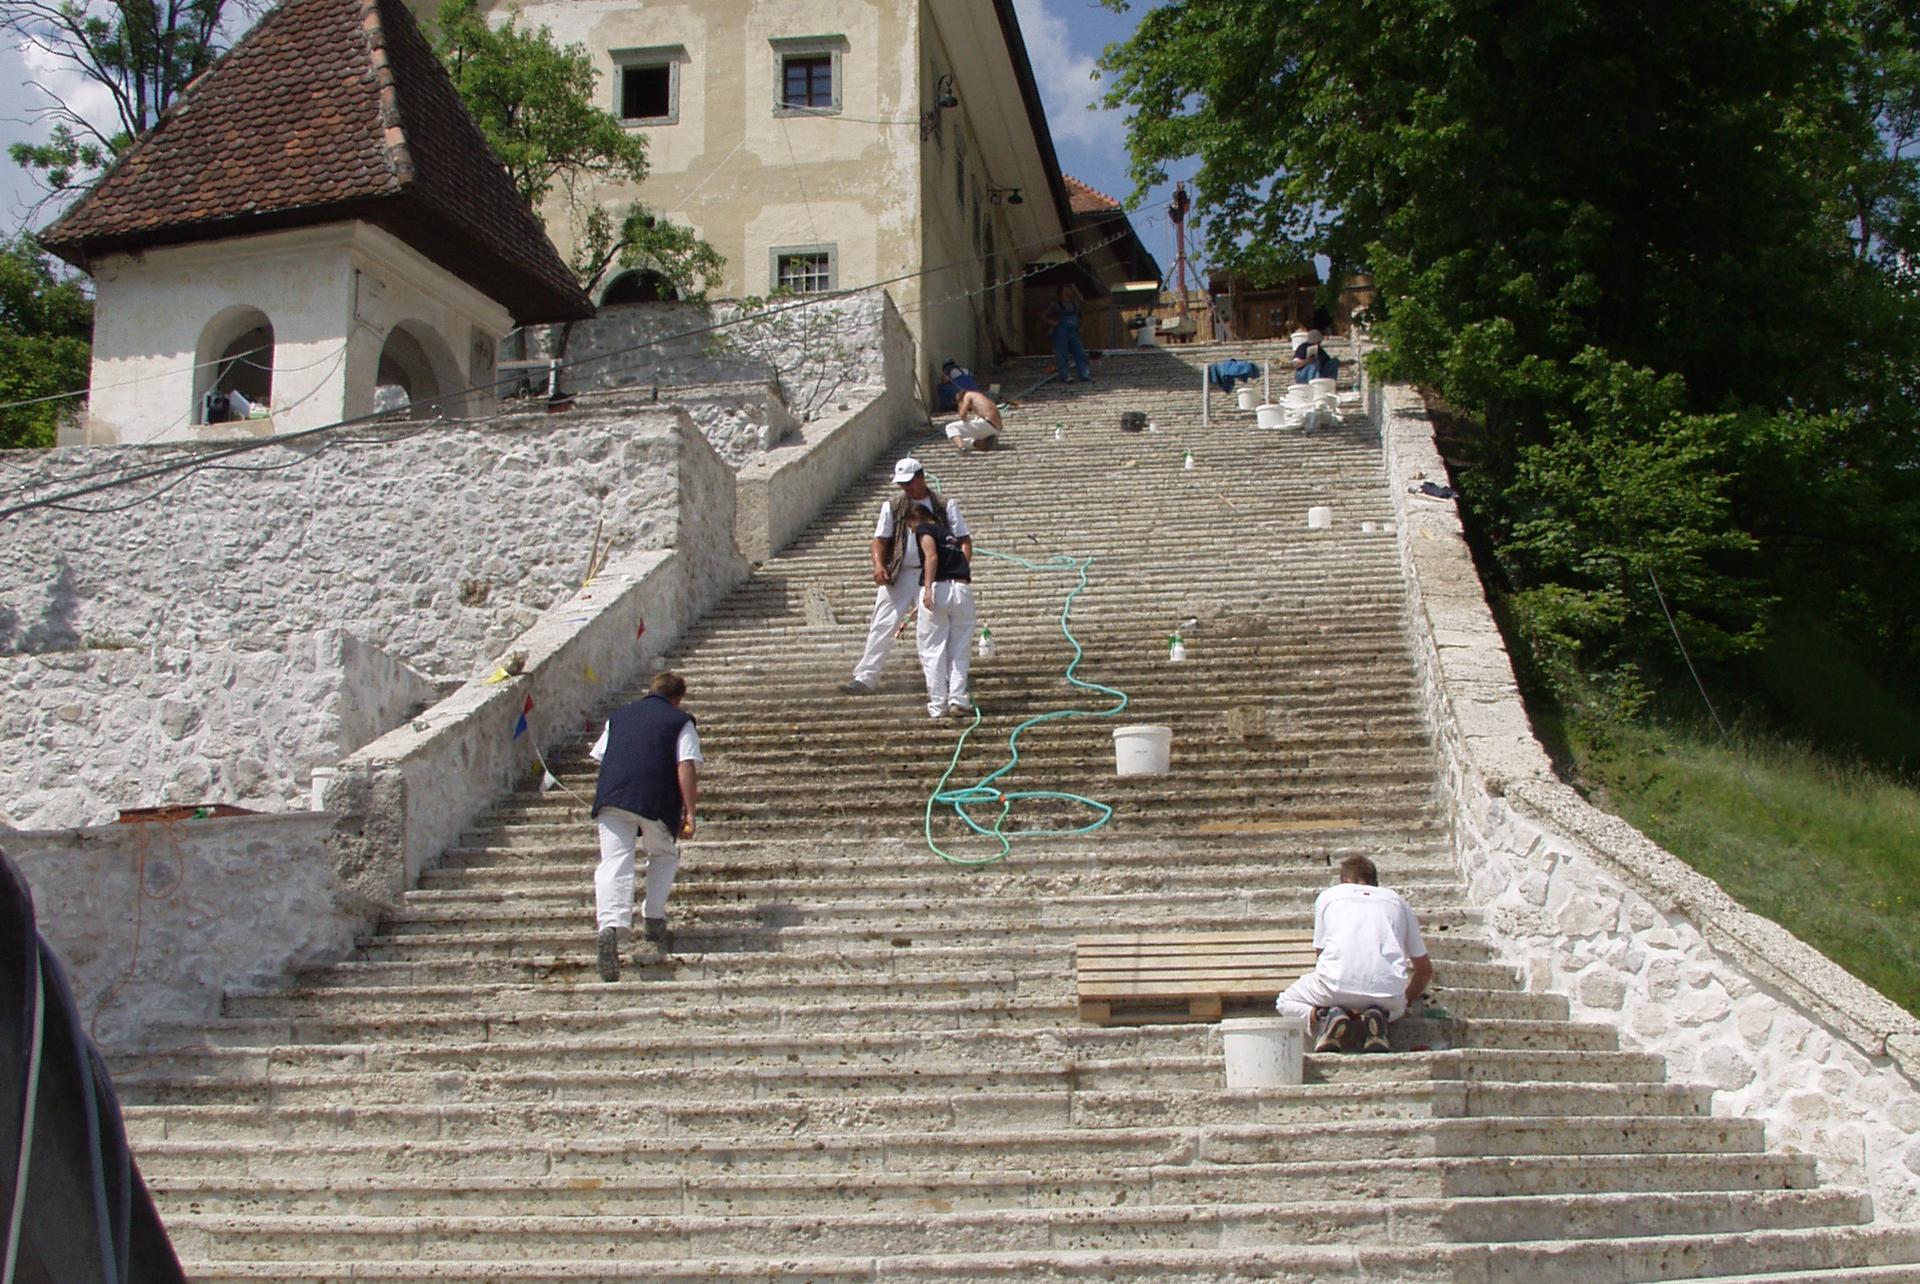 Bled, Blejski otok